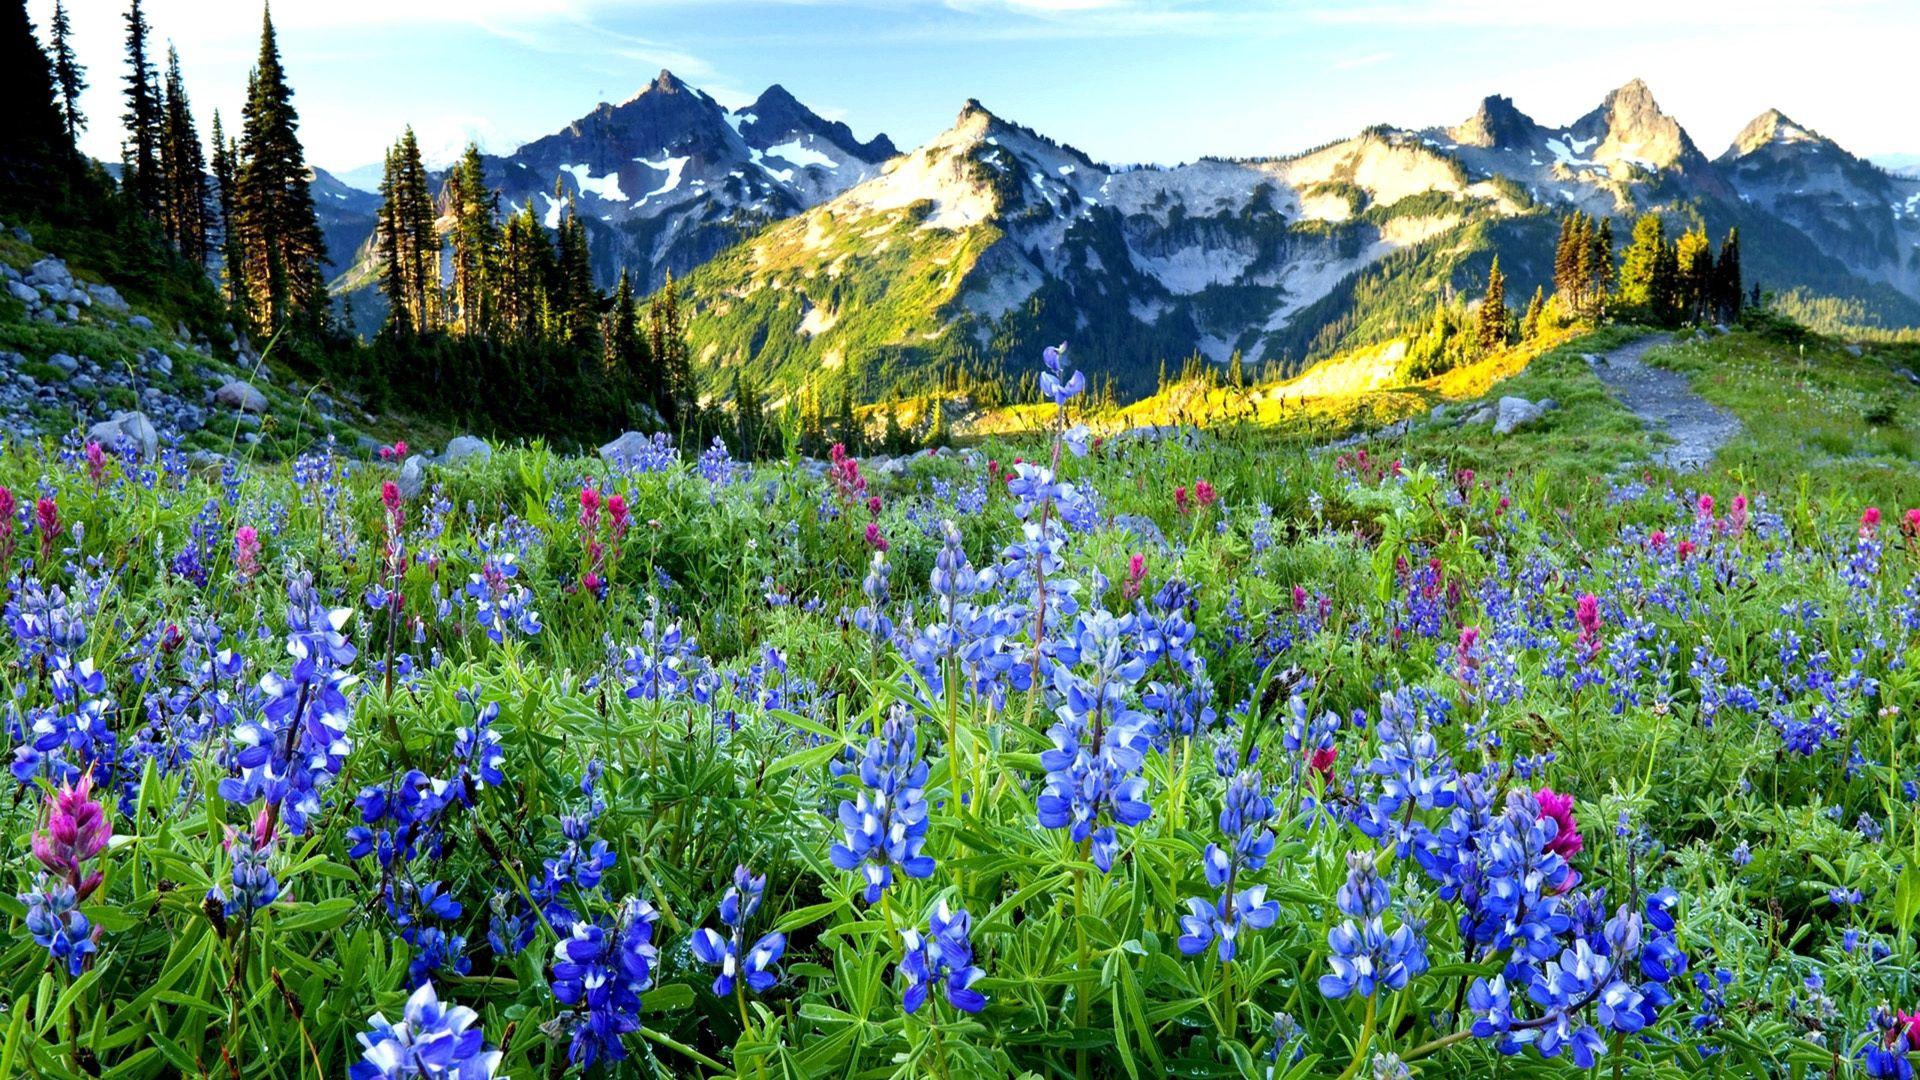 101756 économiseurs d'écran et fonds d'écran Montagnes sur votre téléphone. Téléchargez Montagnes, Nature, Fleurs, Sky, Dahl, Distance images gratuitement